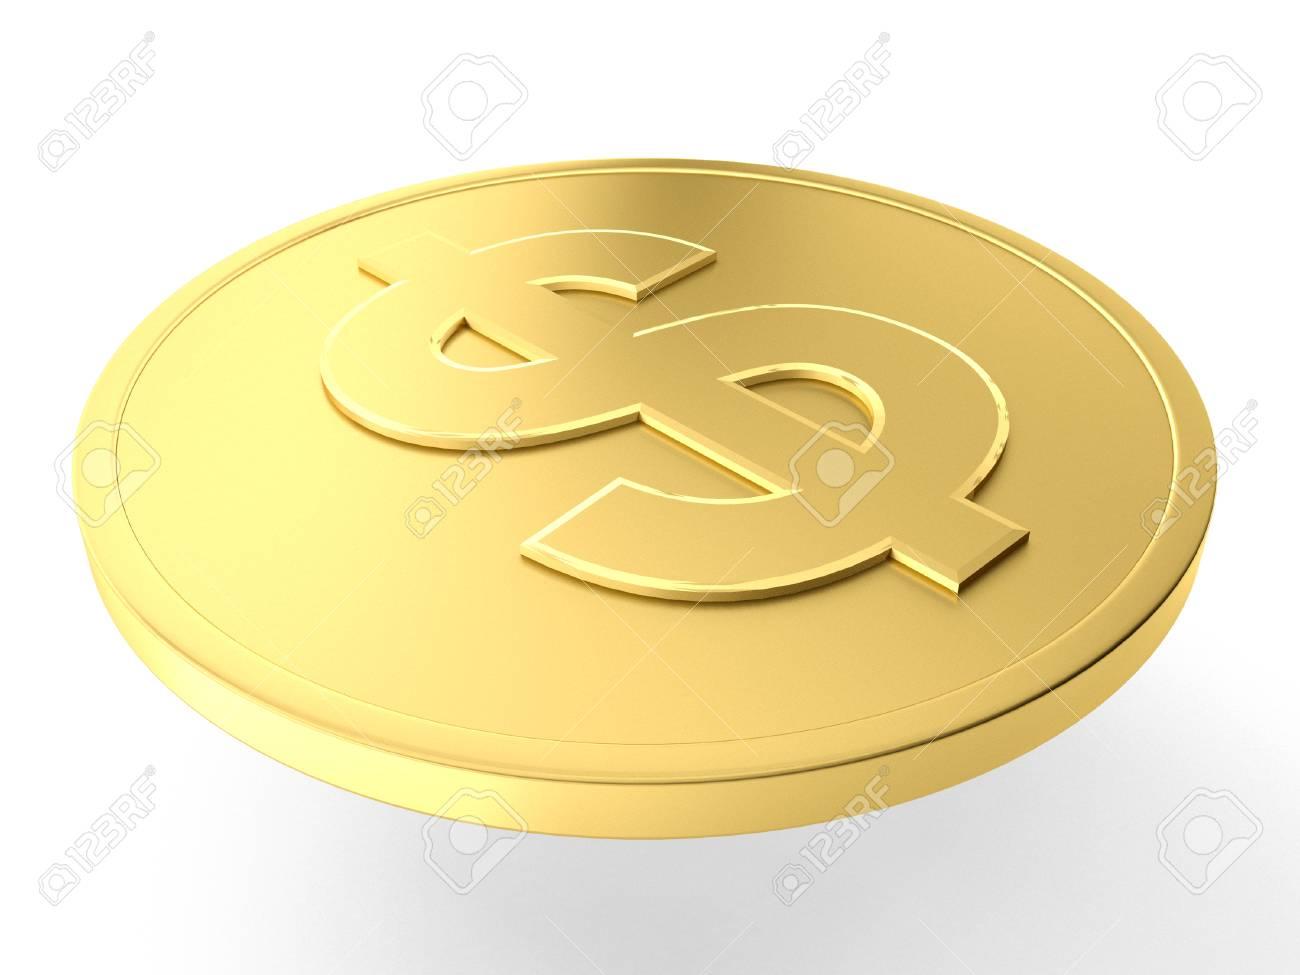 3d Darstellung Eines Gold Dollar Münze Lizenzfreie Fotos Bilder